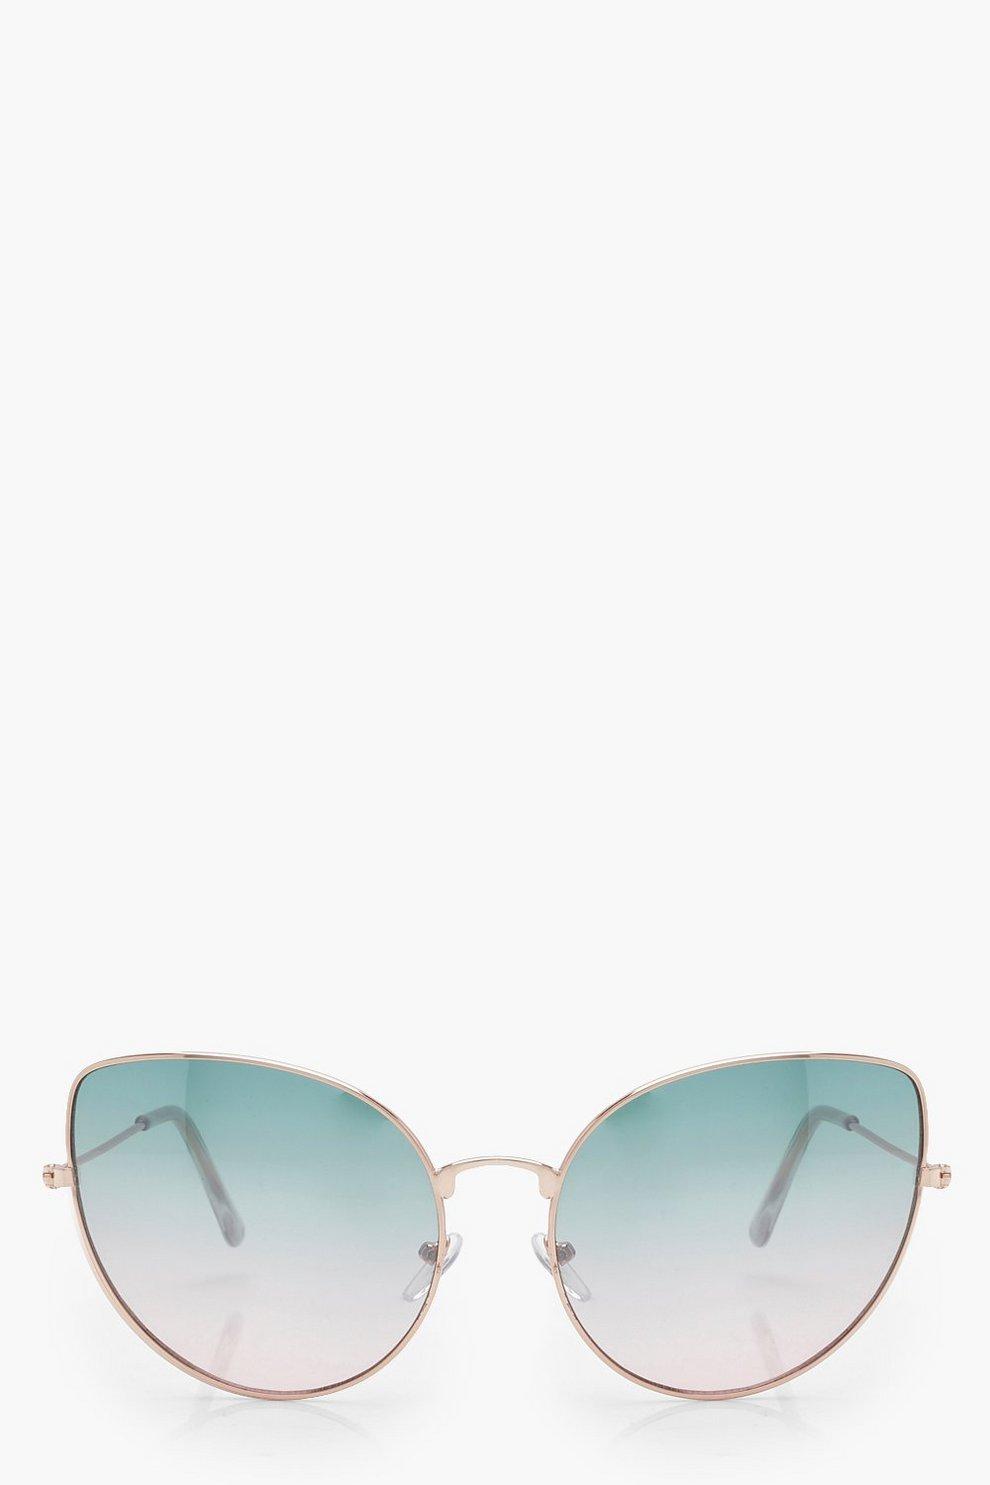 Lily Sonnenbrille mit Katzenaugenfassung und getrübten Gläsern tSt8Y